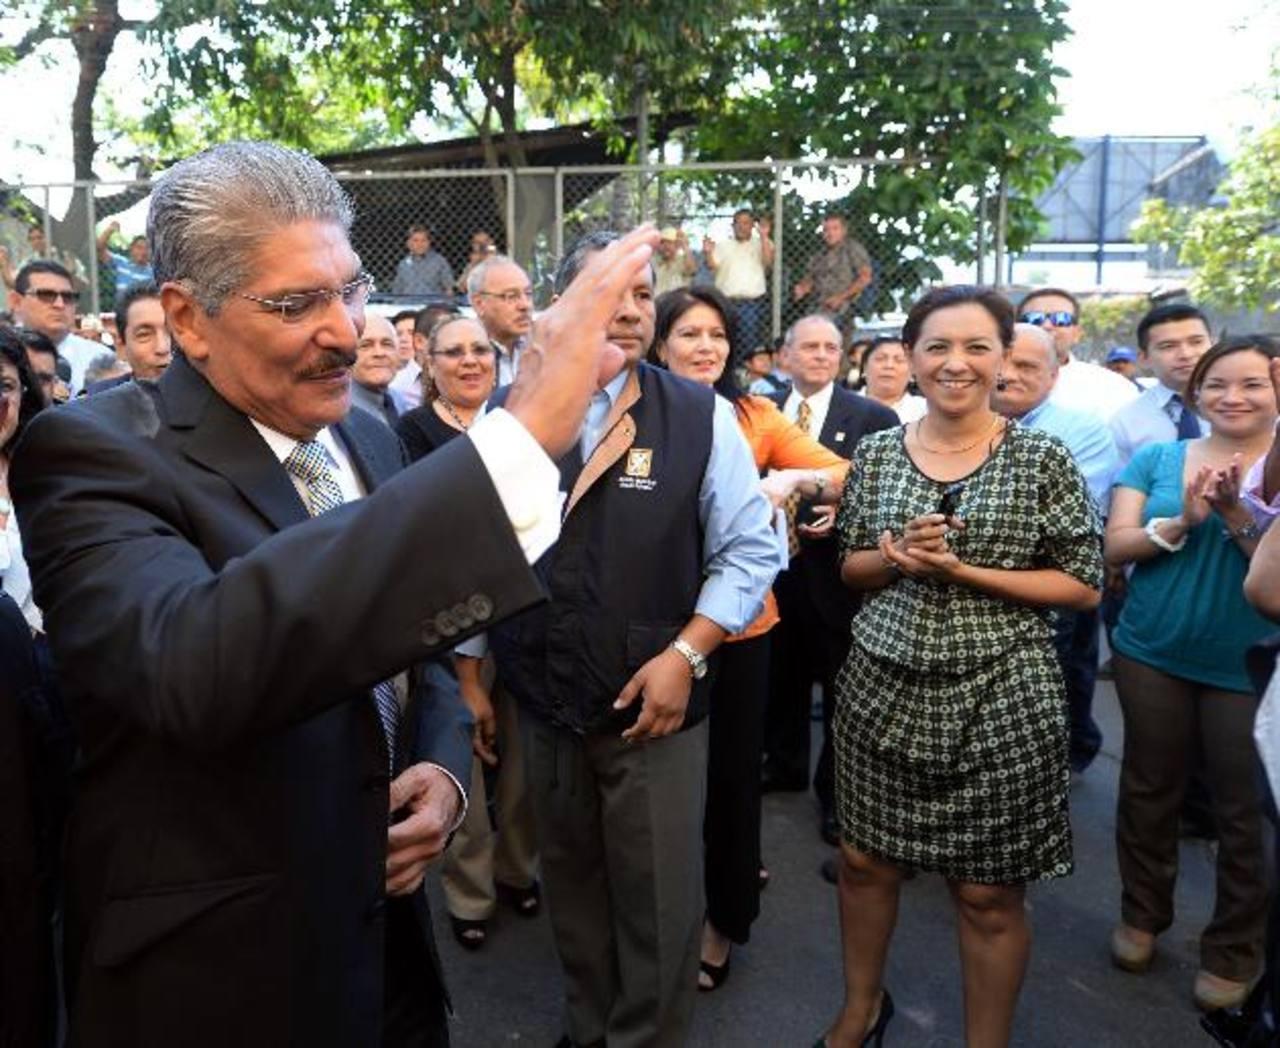 Norman Quijano es recibido por simpatizantes a su llegada a la alcaldía.